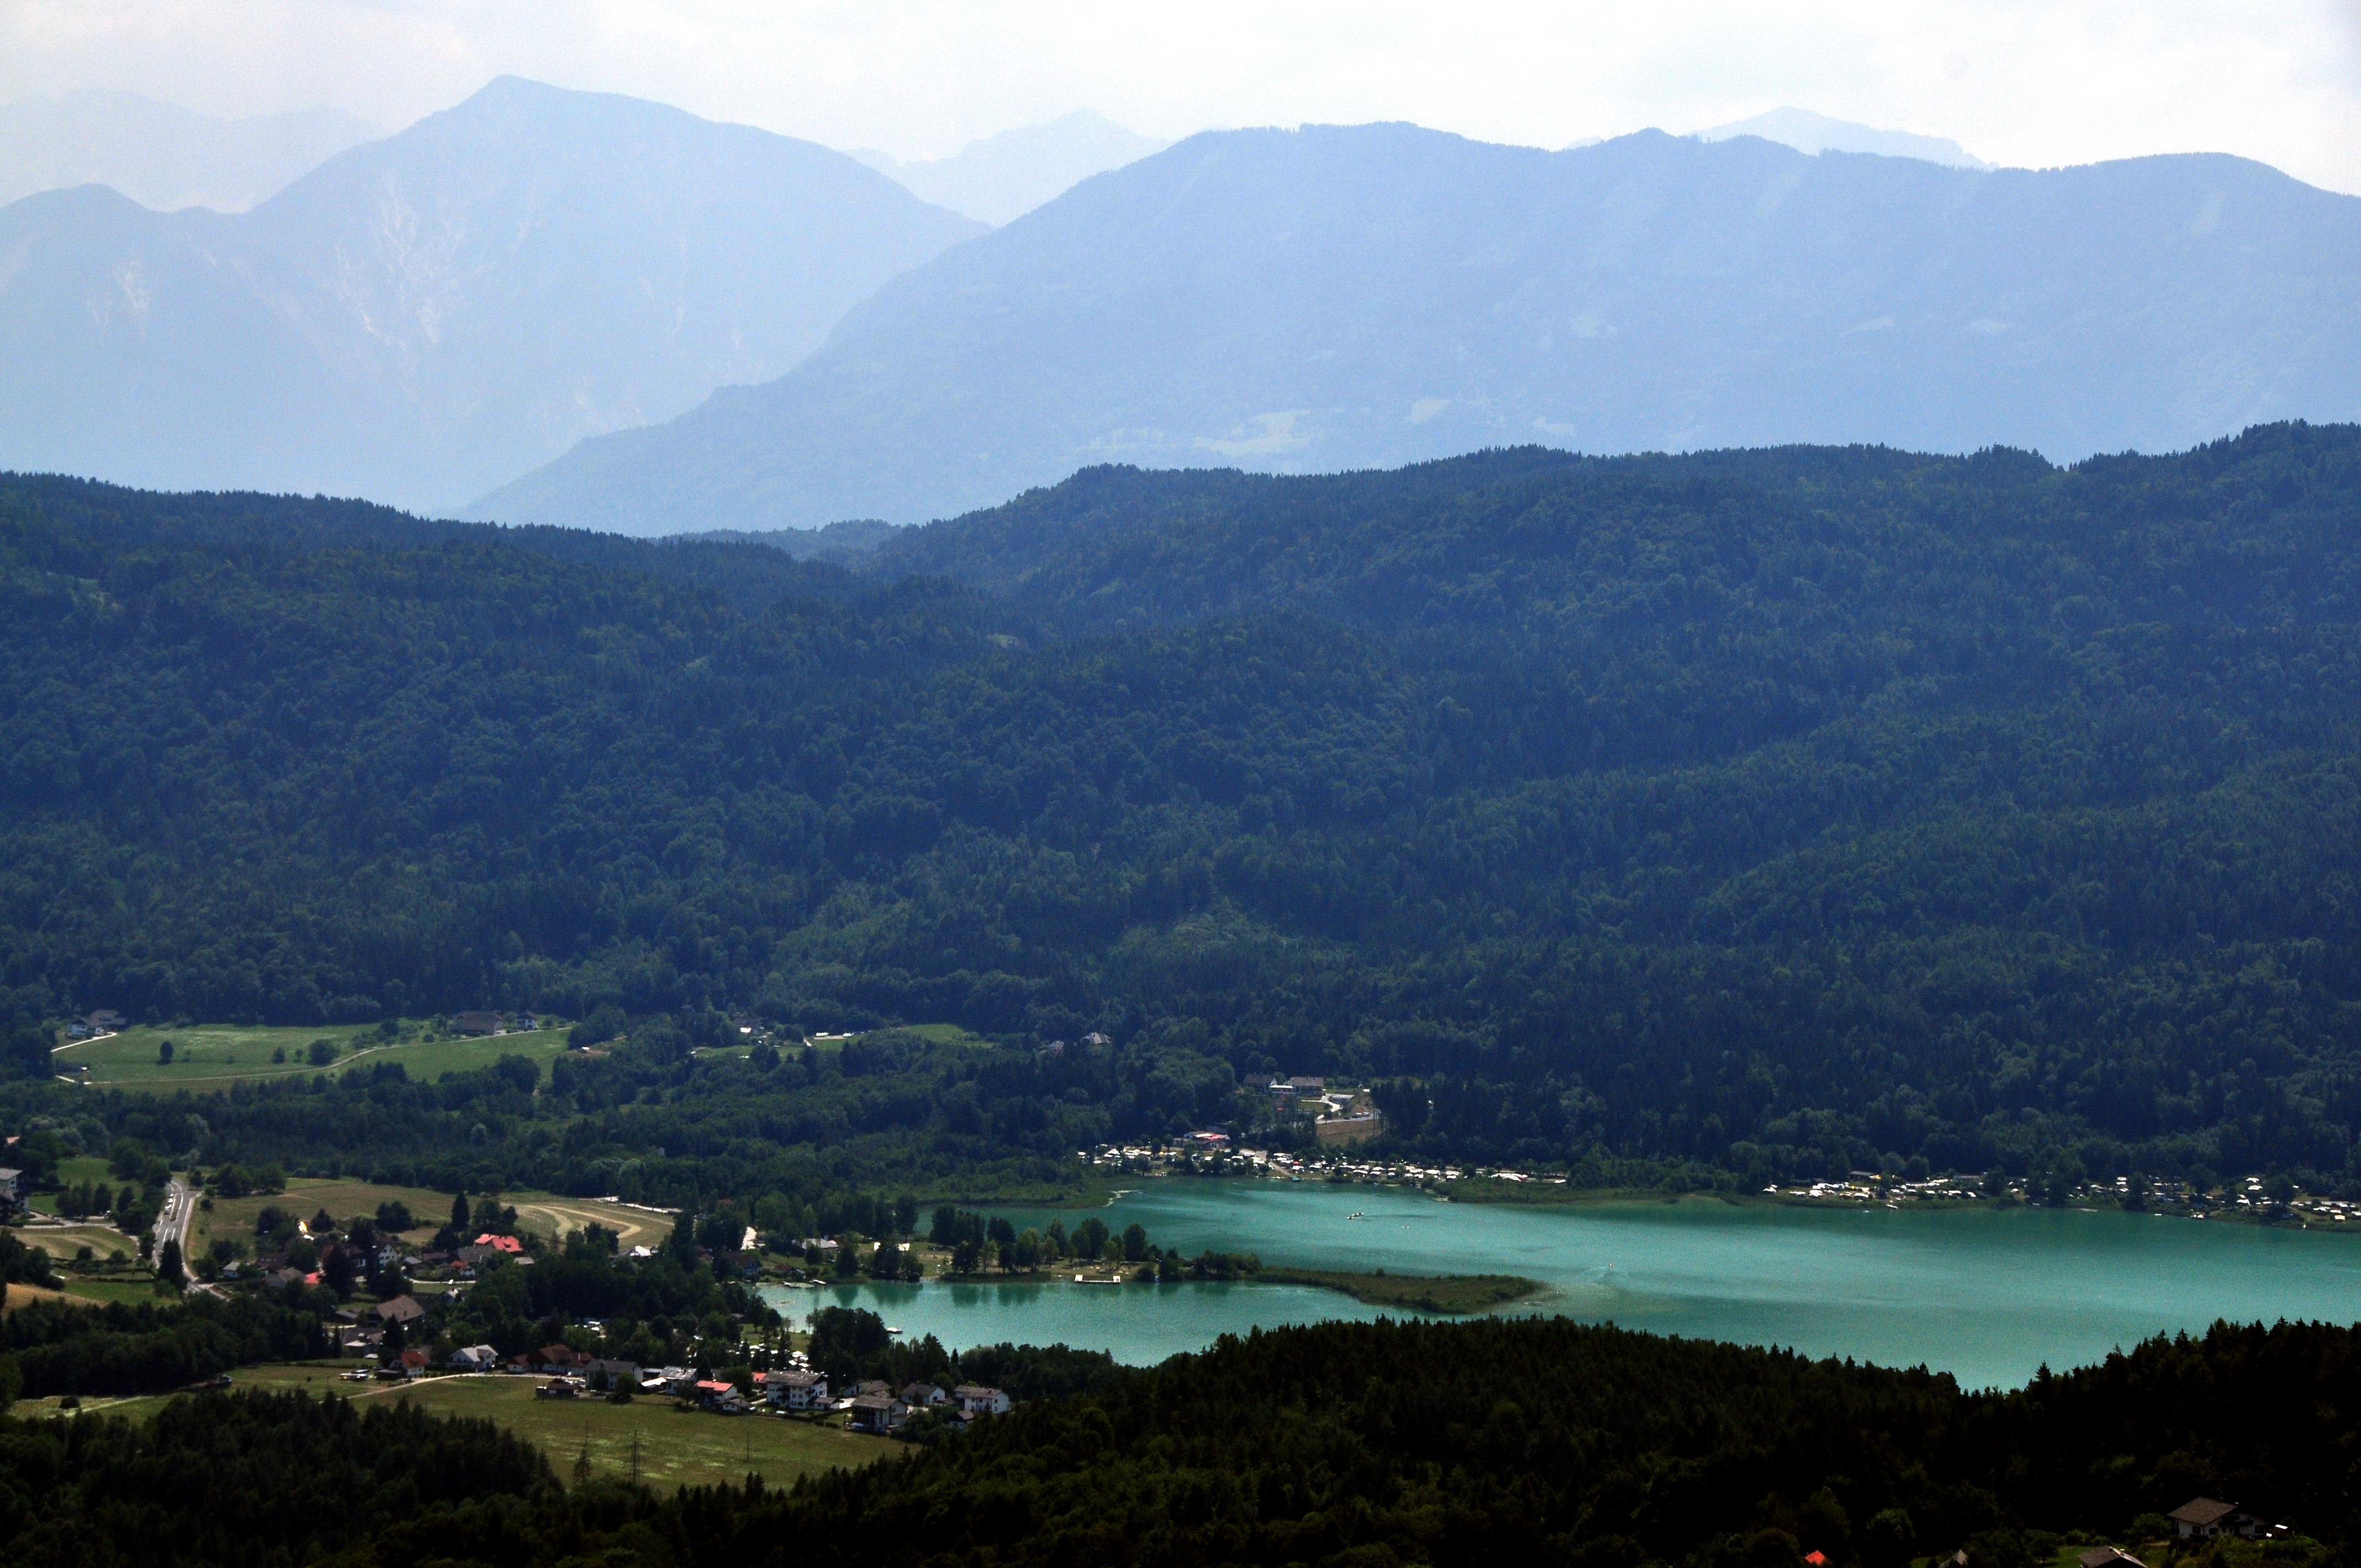 Datei:Keutschach am See St. Margarethen 8 - Wikipedia